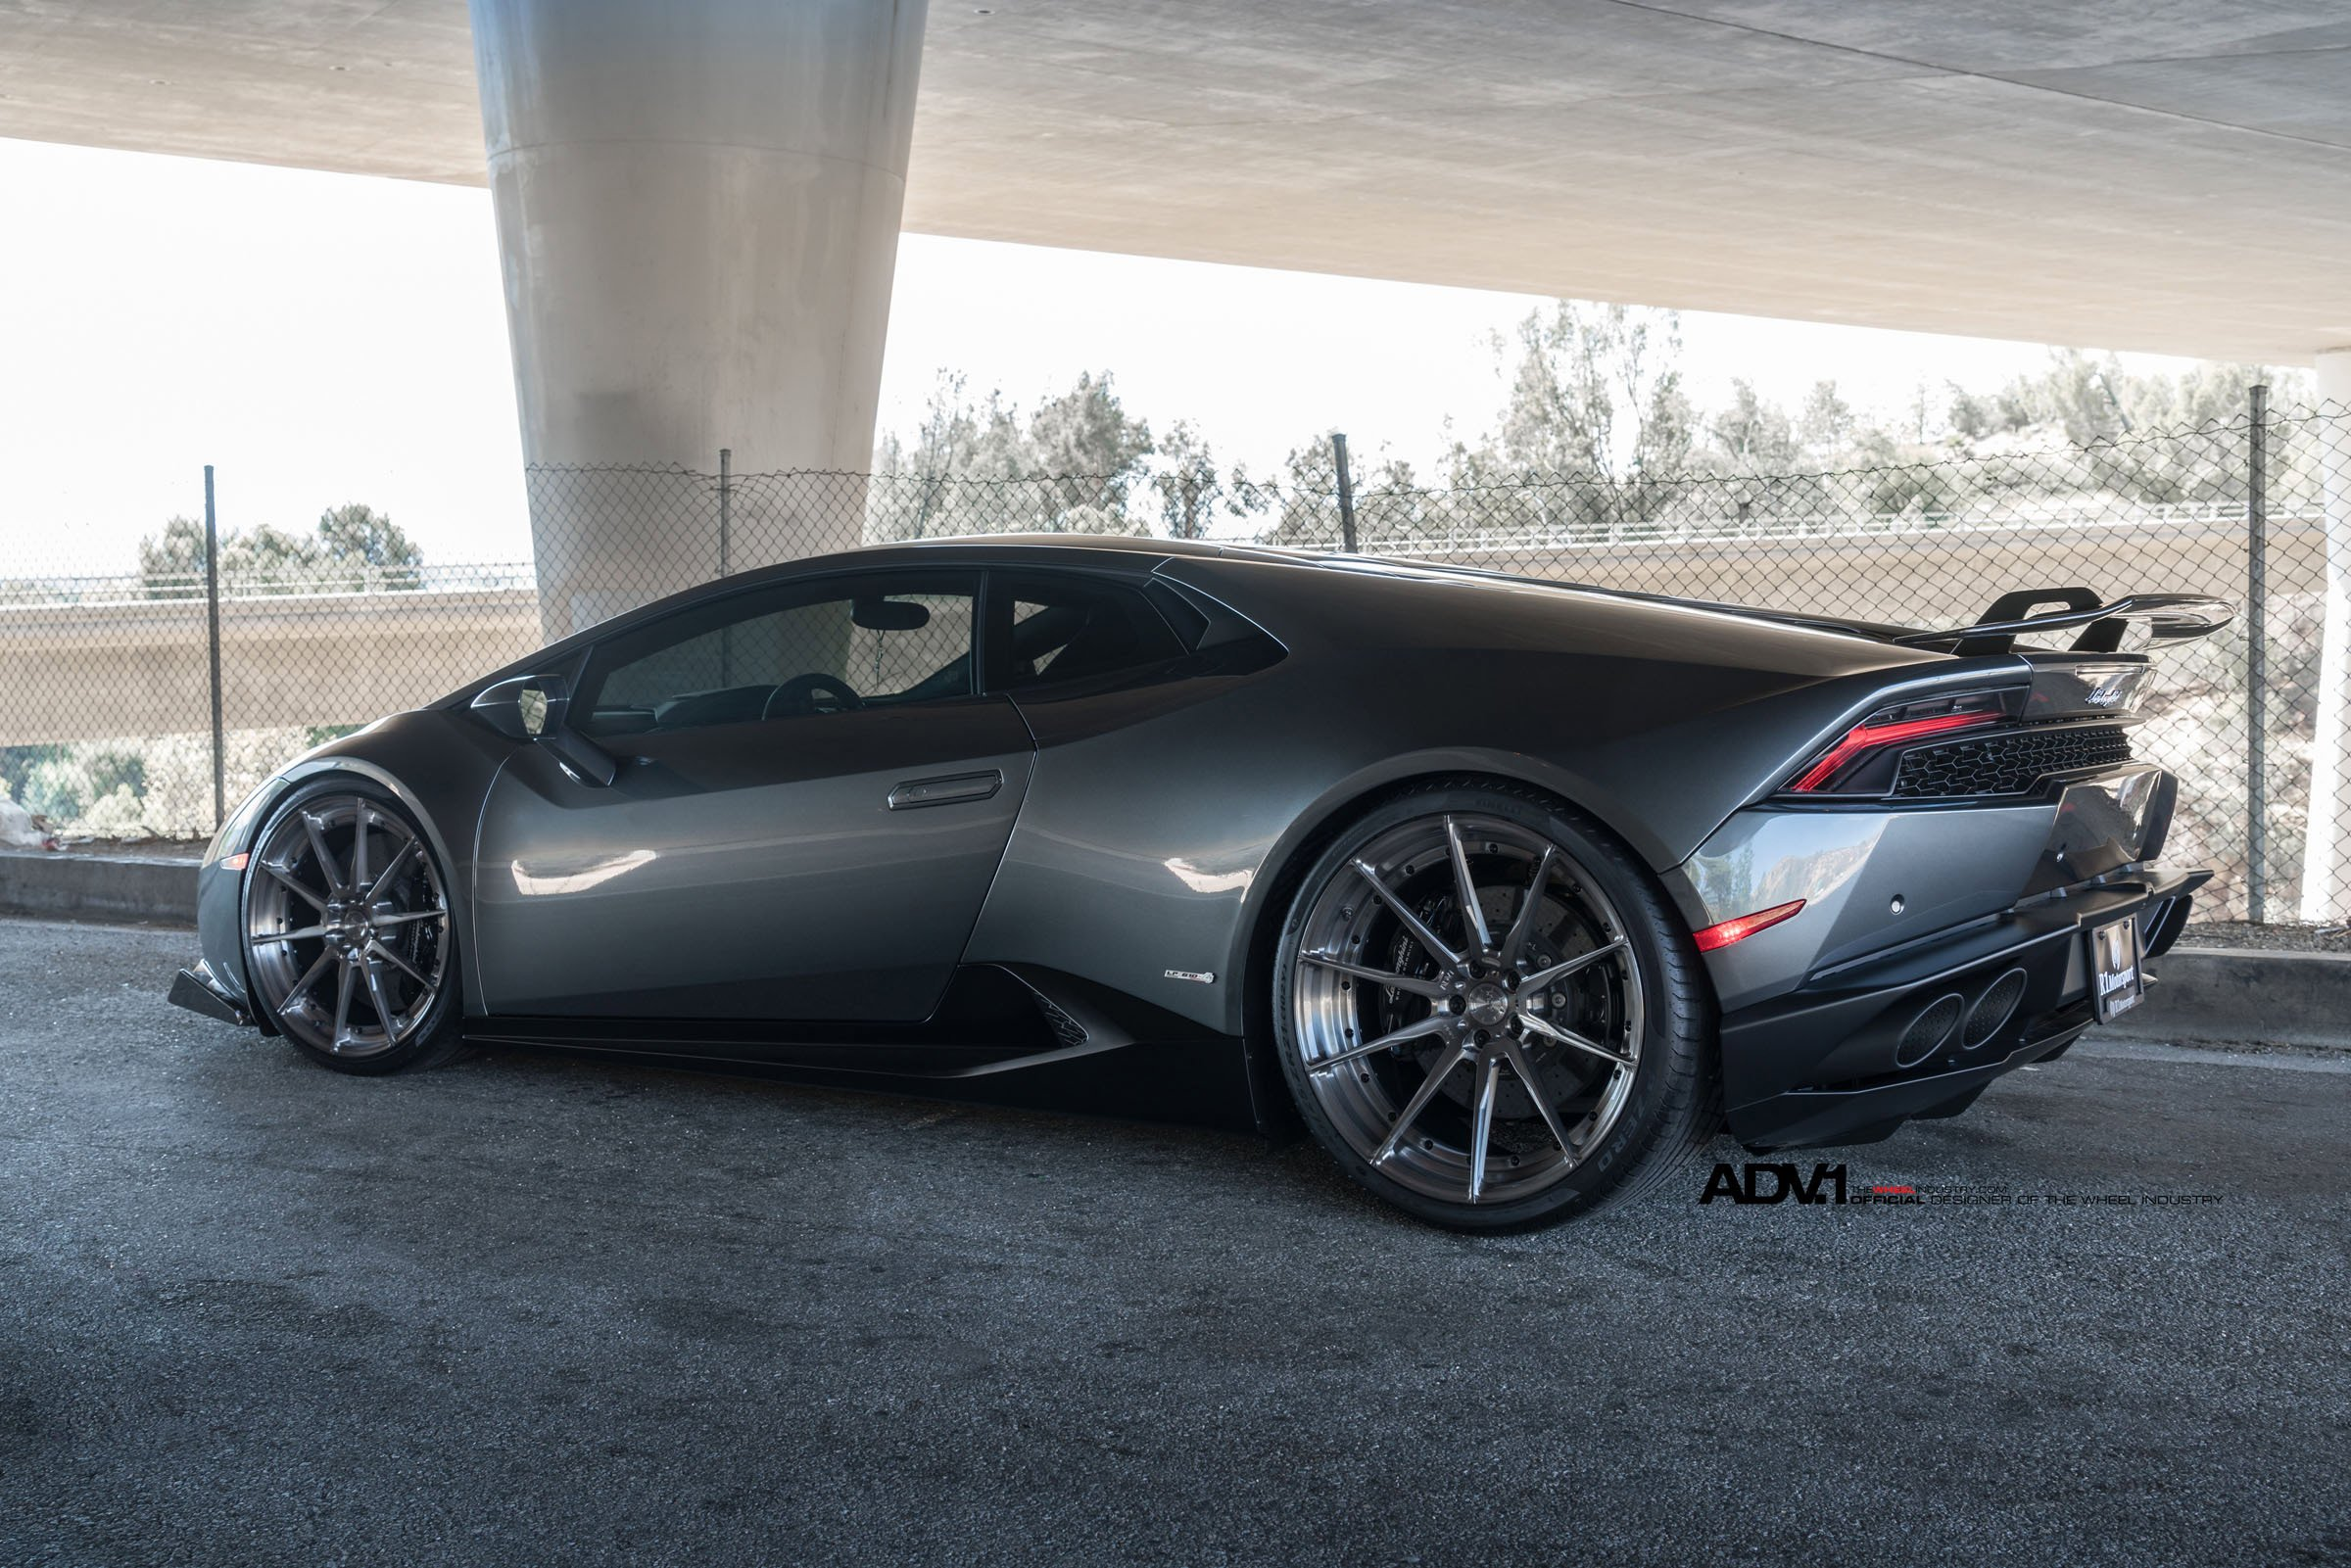 adv1 wheels lamborghini huracan cars grey dark modified wallpaper 2400x1601 835348 wallpaperup - Lamborghini Huracan Grey